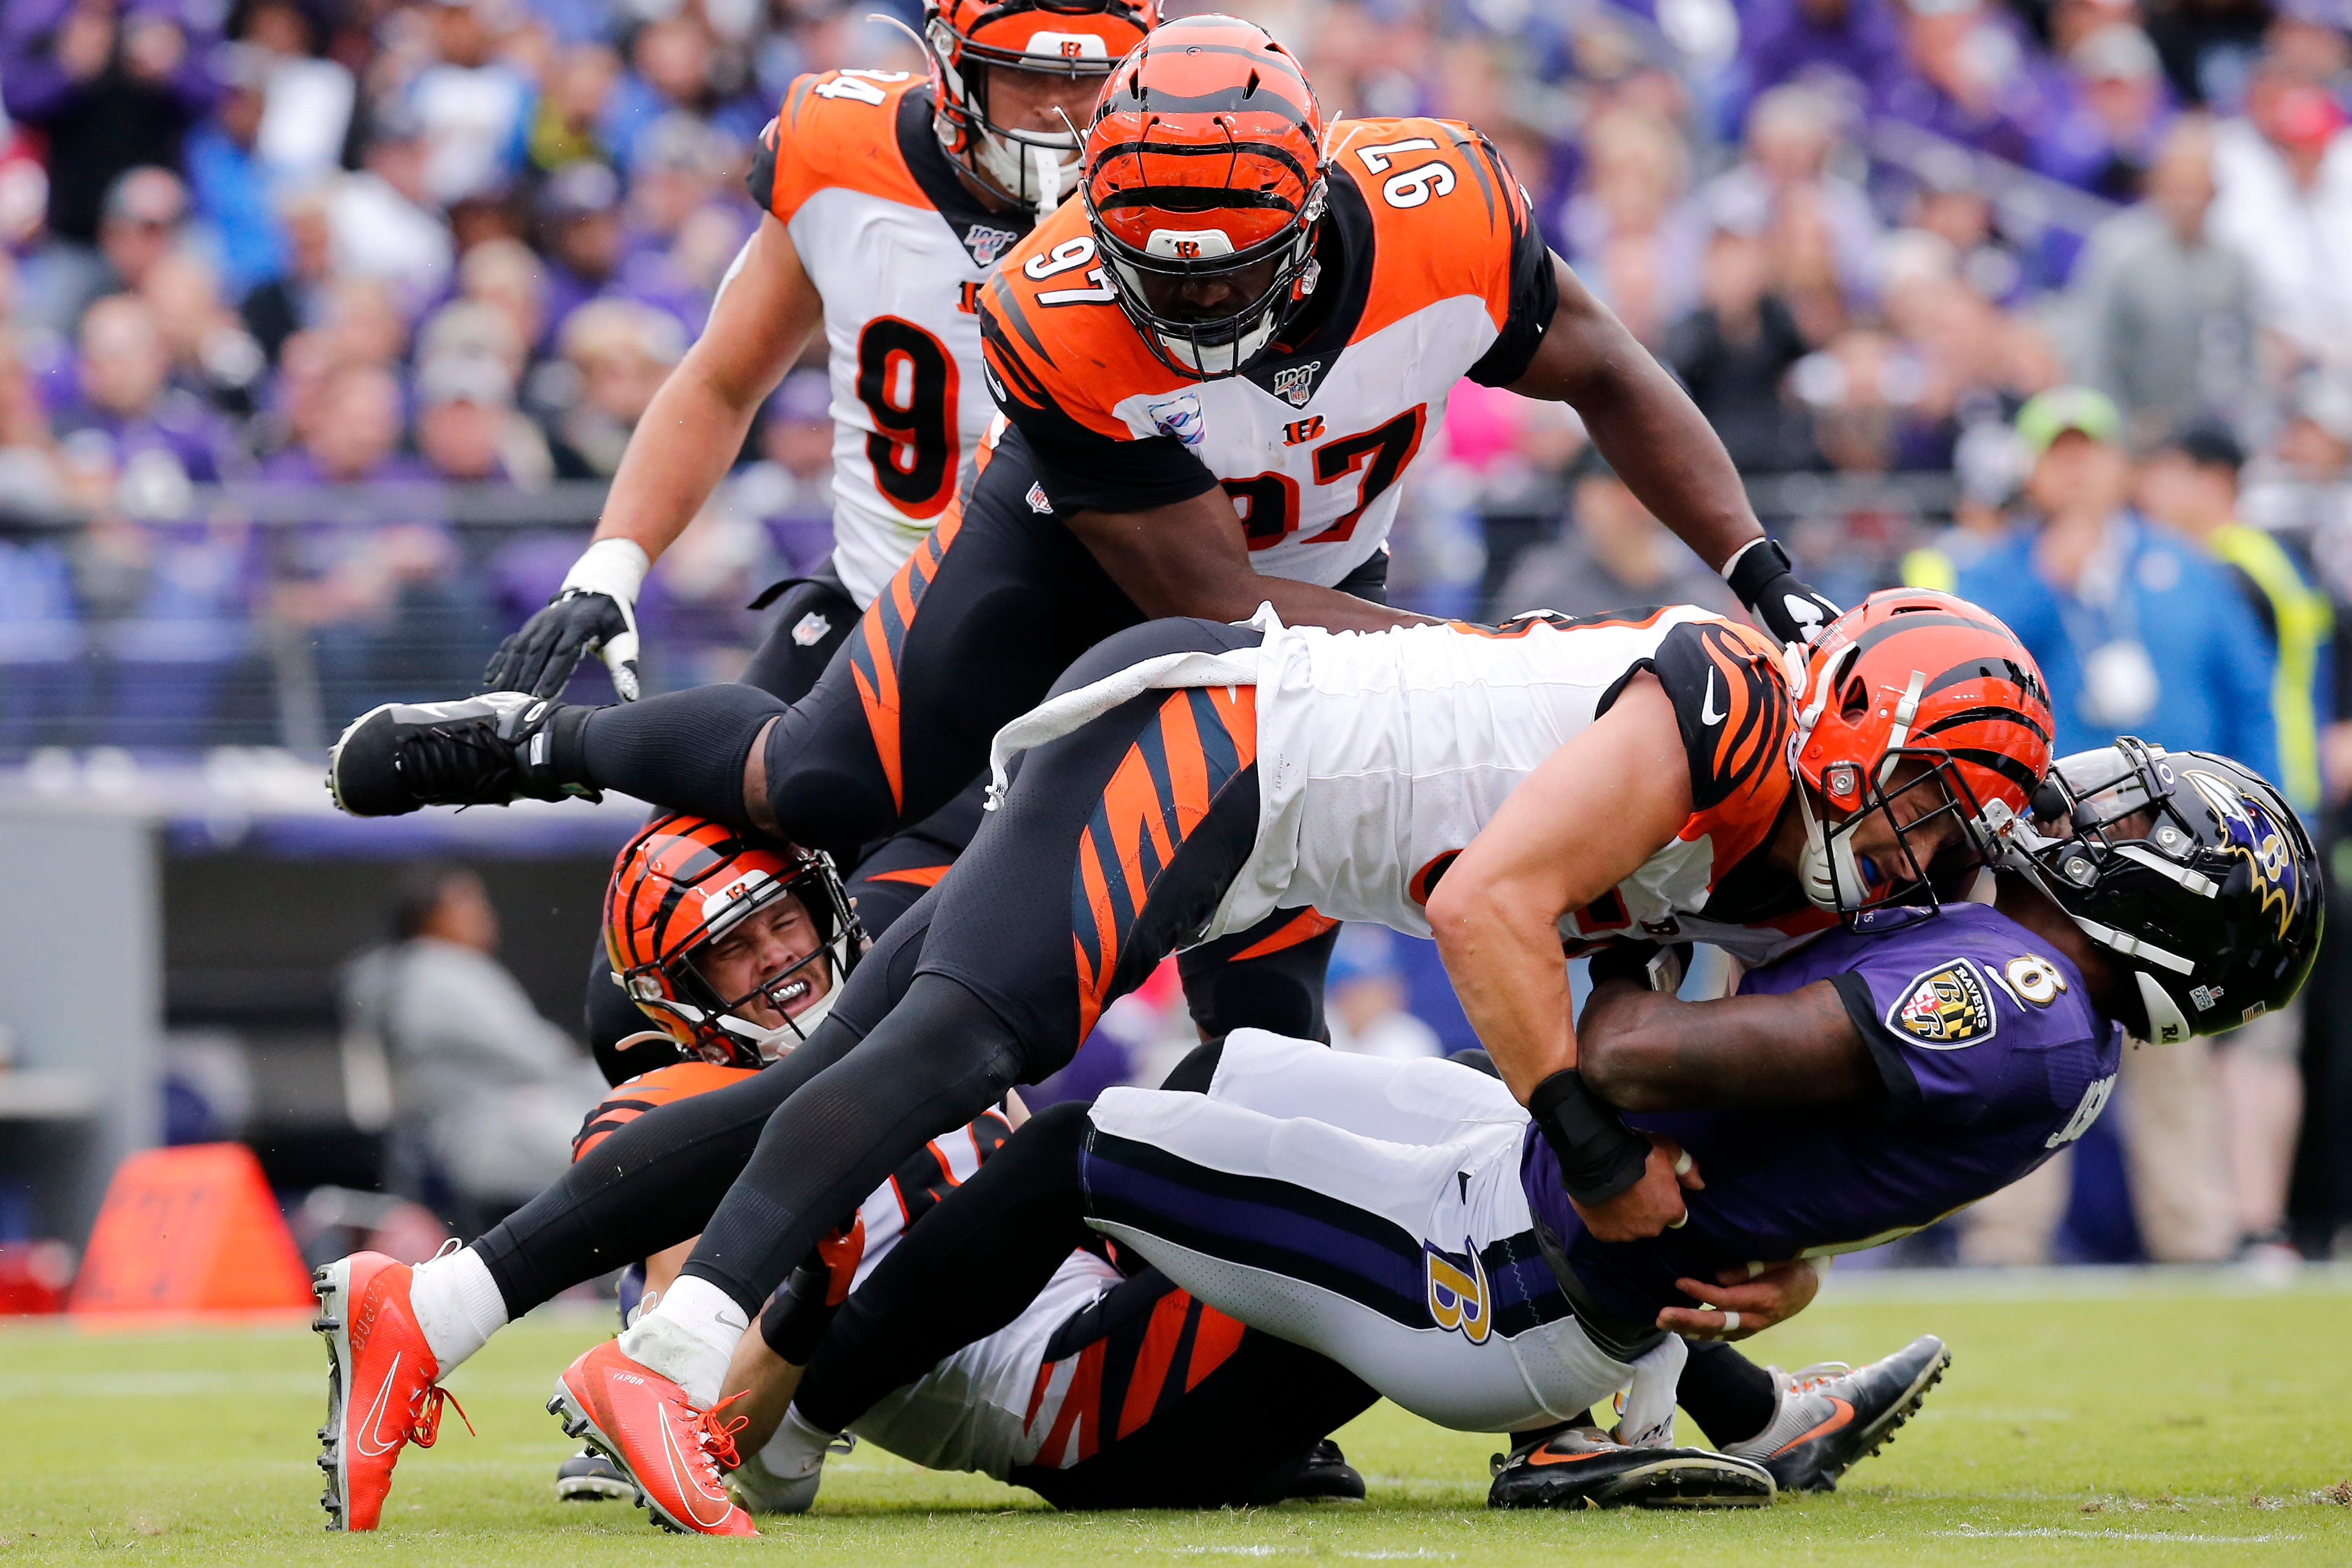 Photos: Cincinnati Bengals vs. Baltimore Ravens in NFL Week 6 action